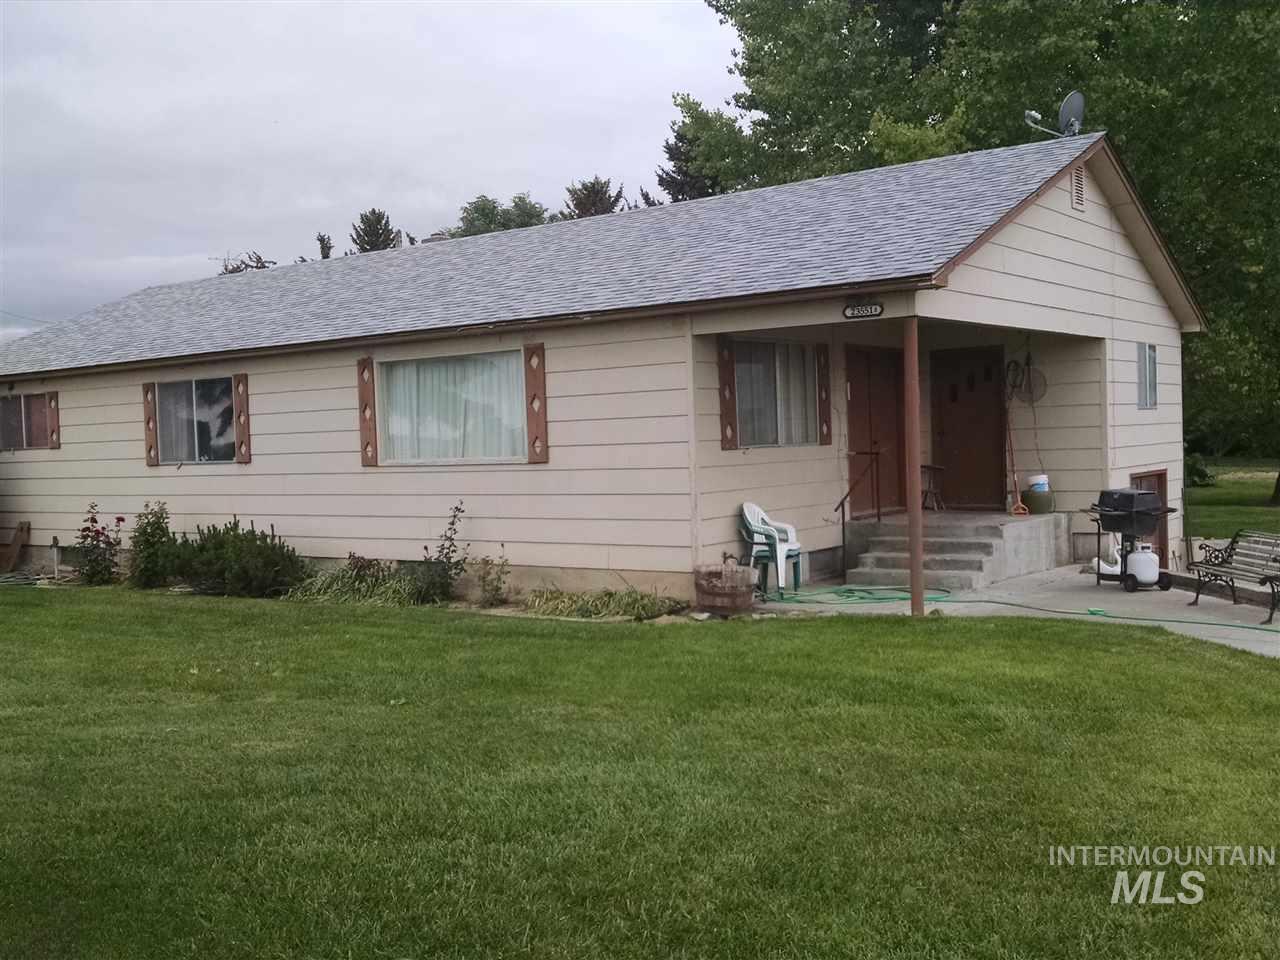 独户住宅 为 销售 在 23551 A Hwy 30 23551 A Hwy 30 Murtaugh, 爱达荷州 83344